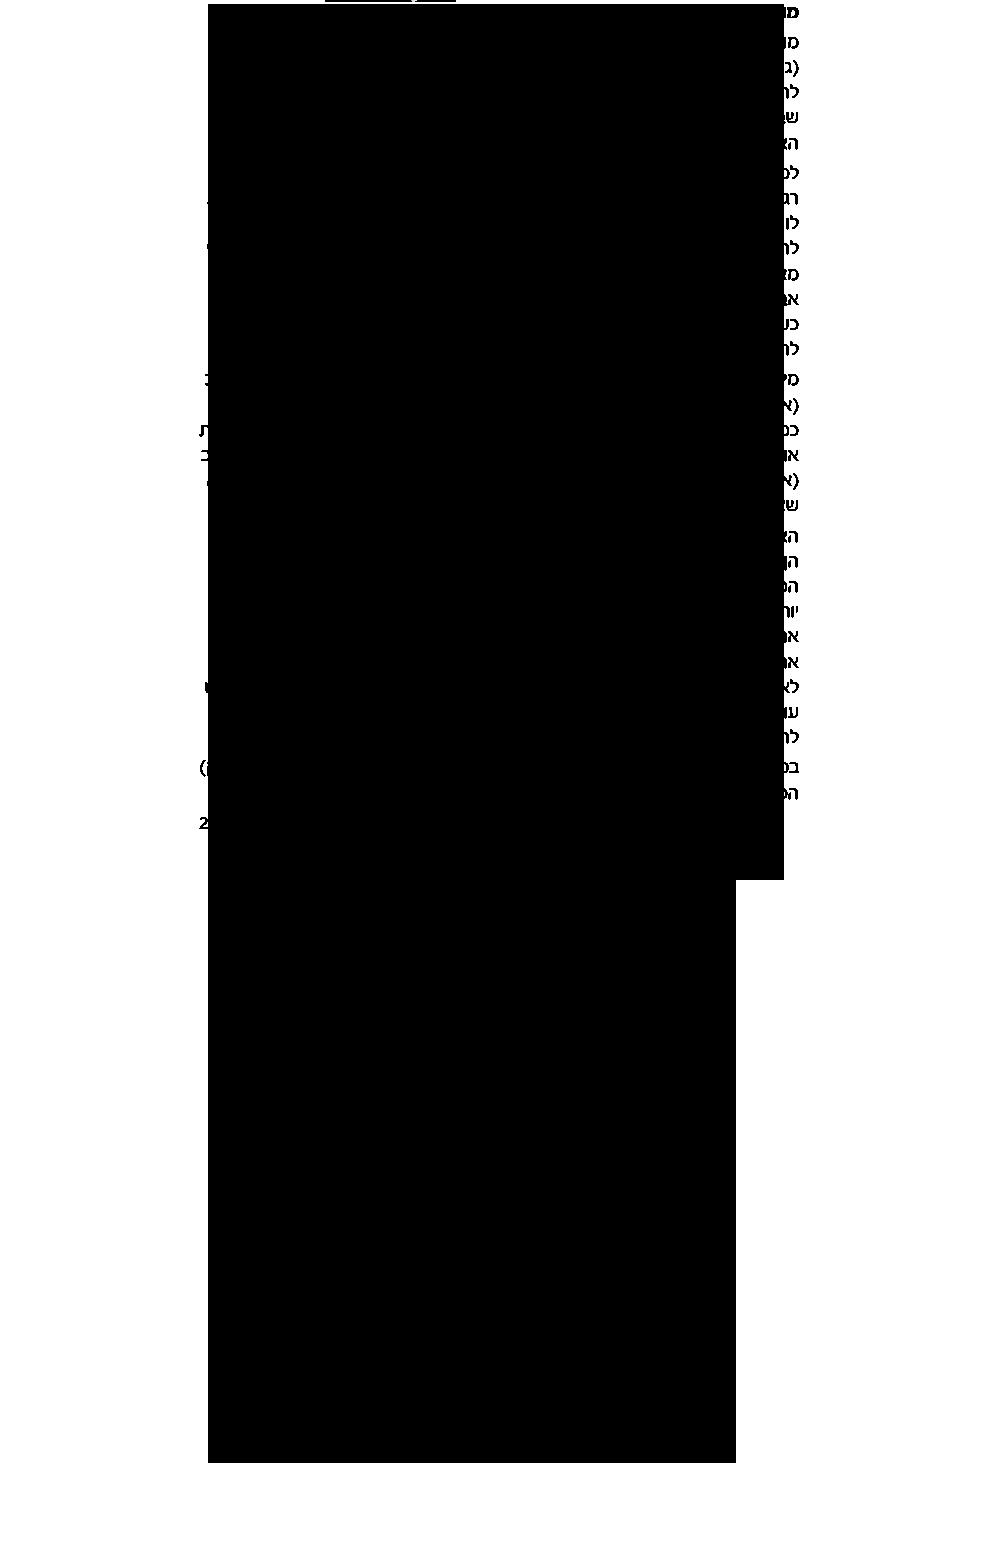 טקסט על איזנר רון